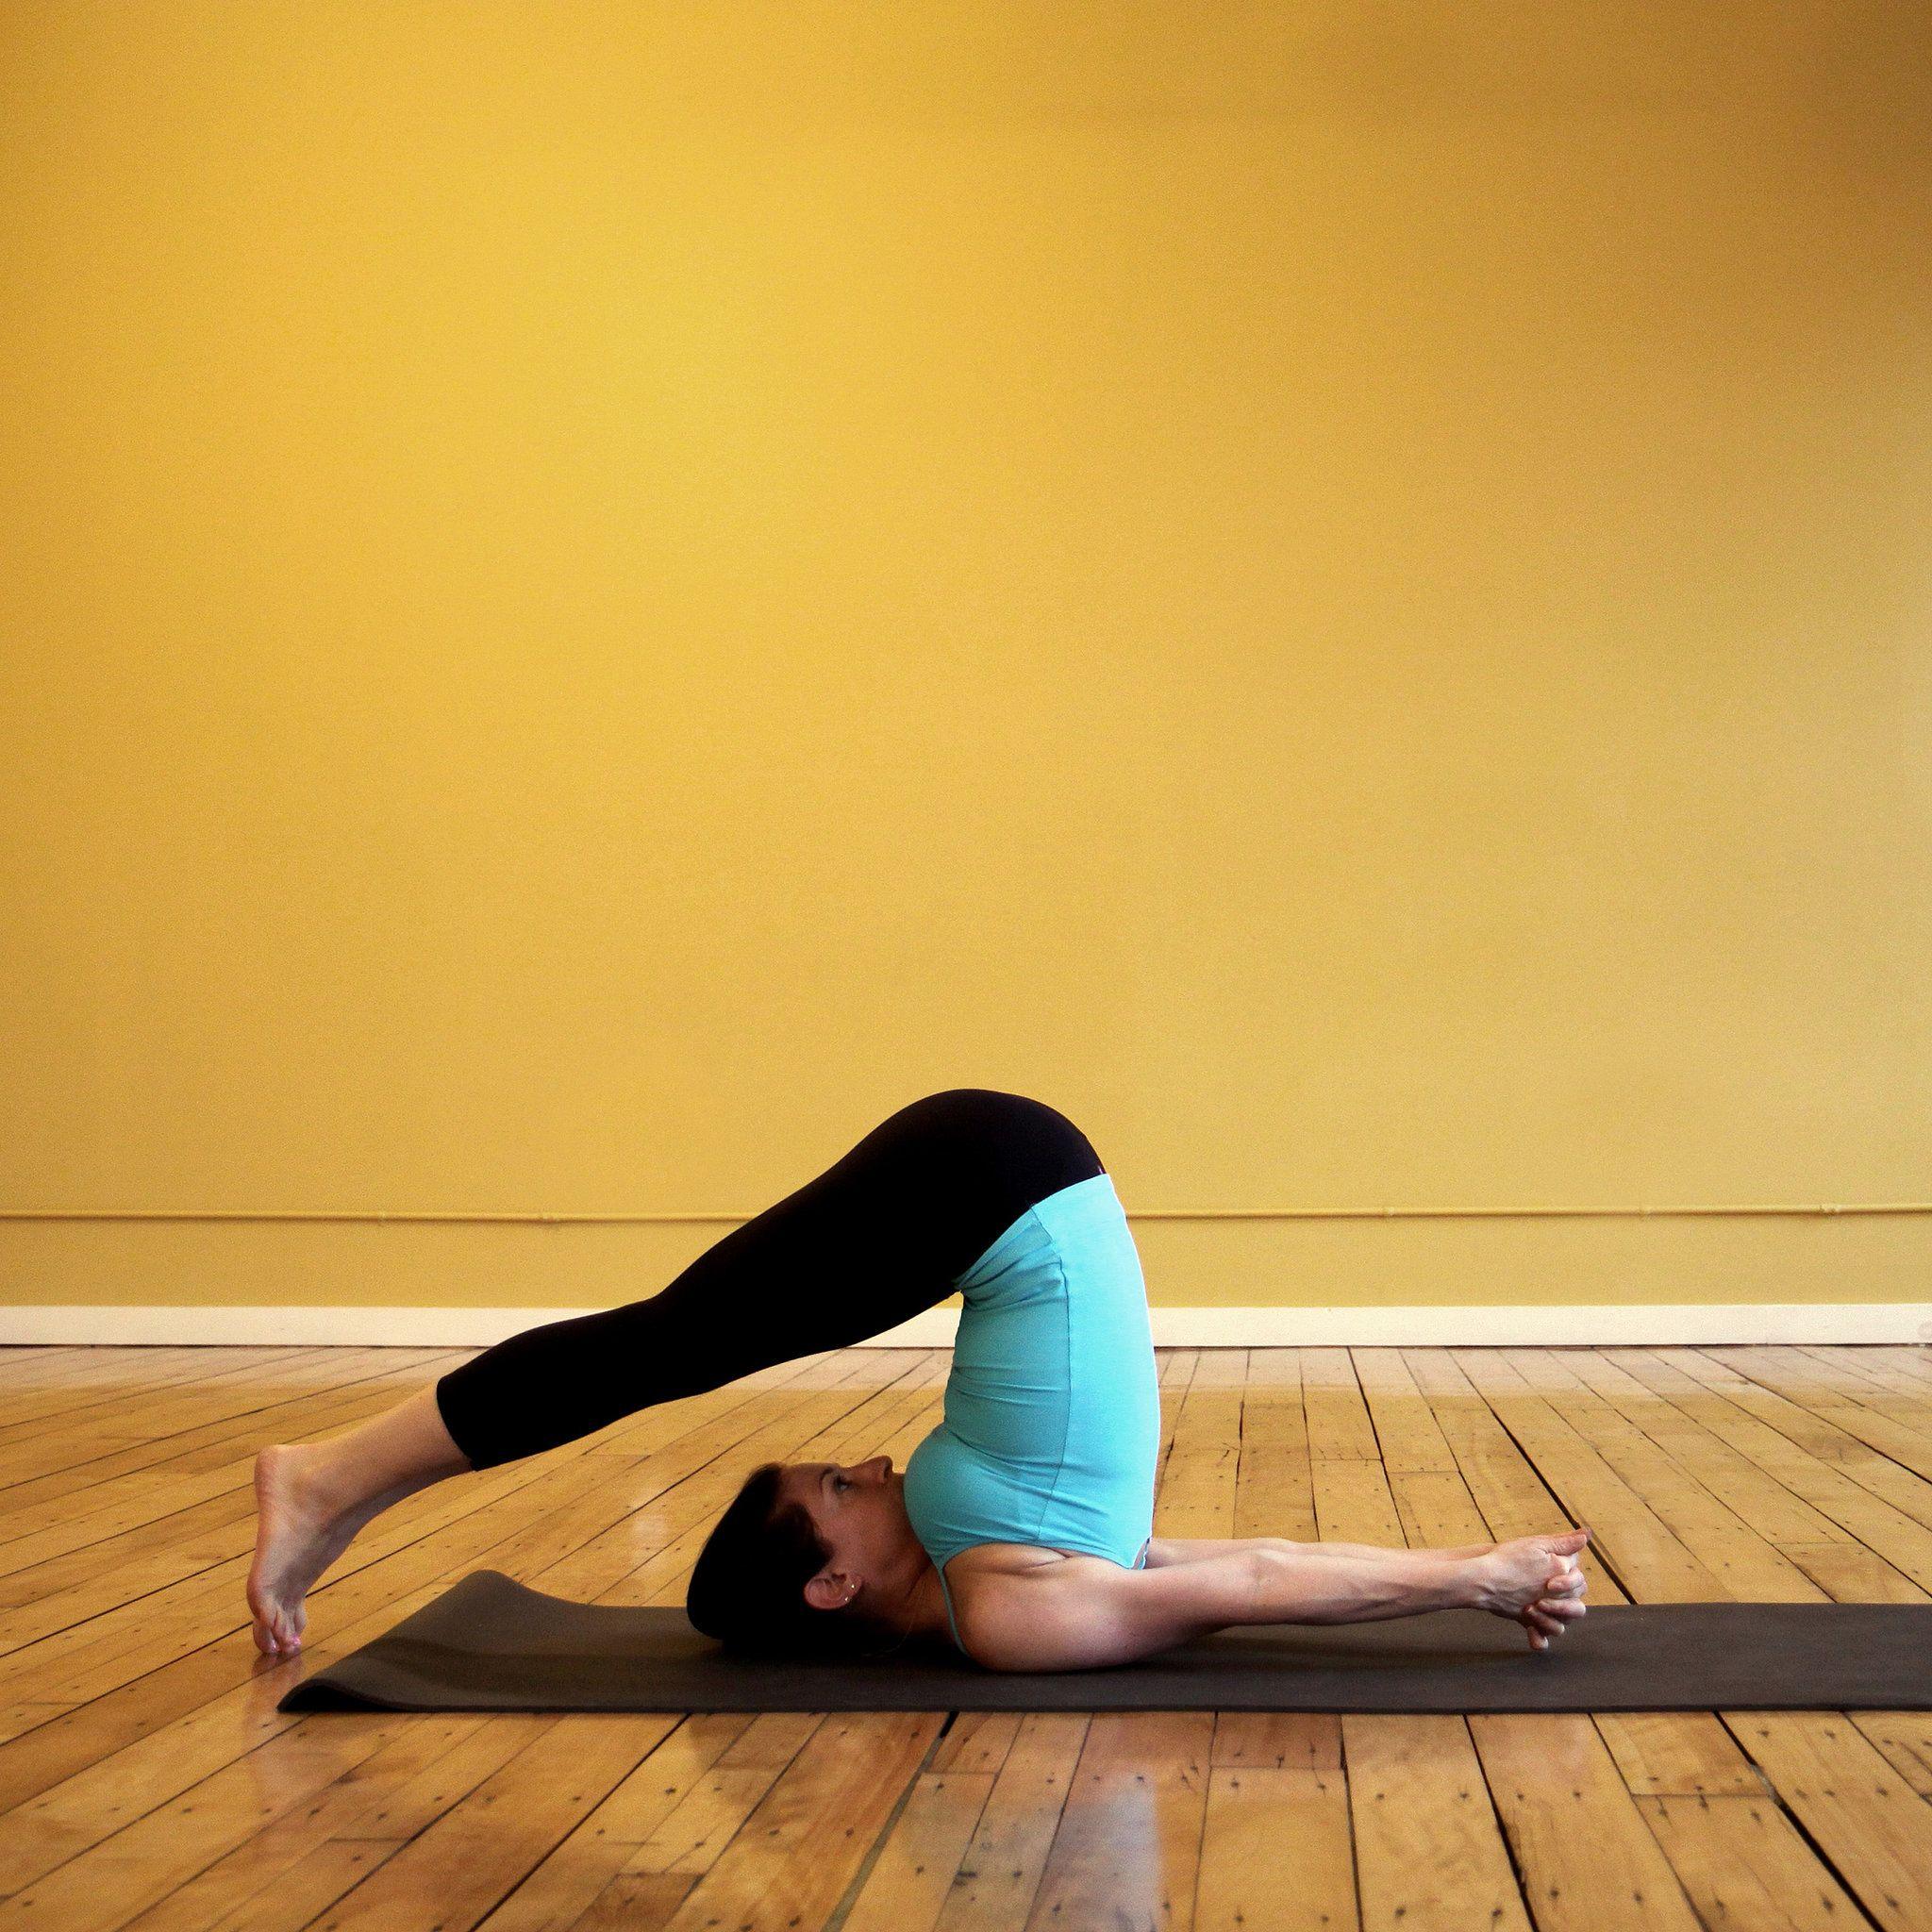 центральной йога позиции фото быстро обжаренные